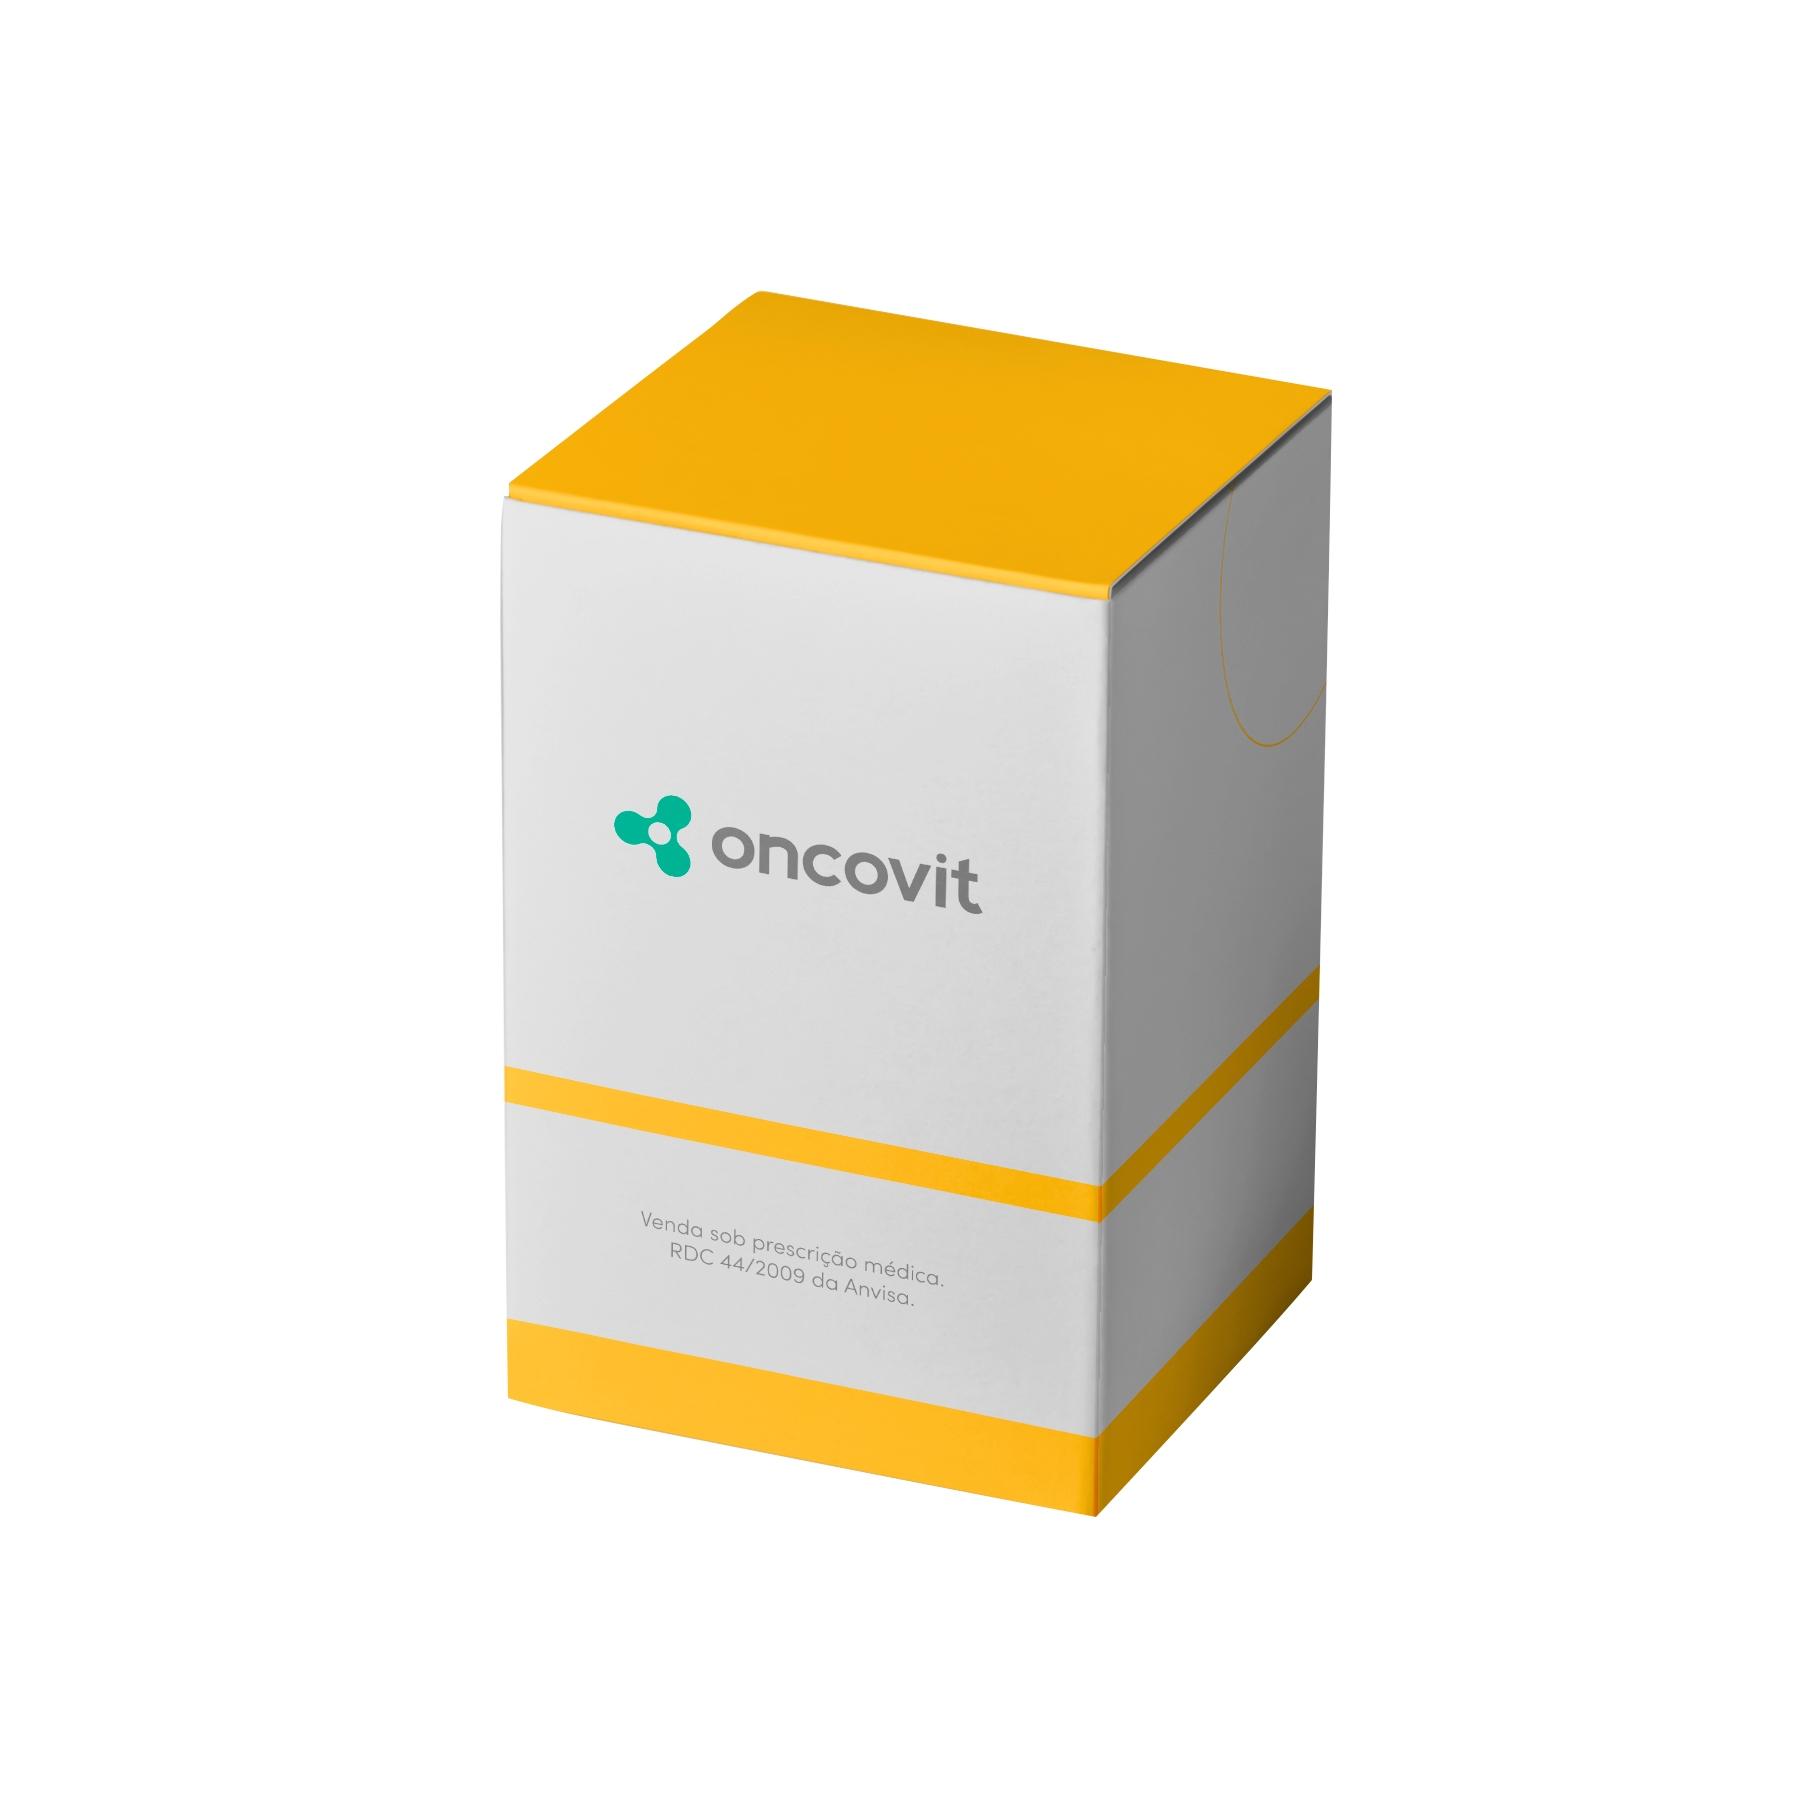 Corretal 150mg caixa com 60 comprimidos revestidos